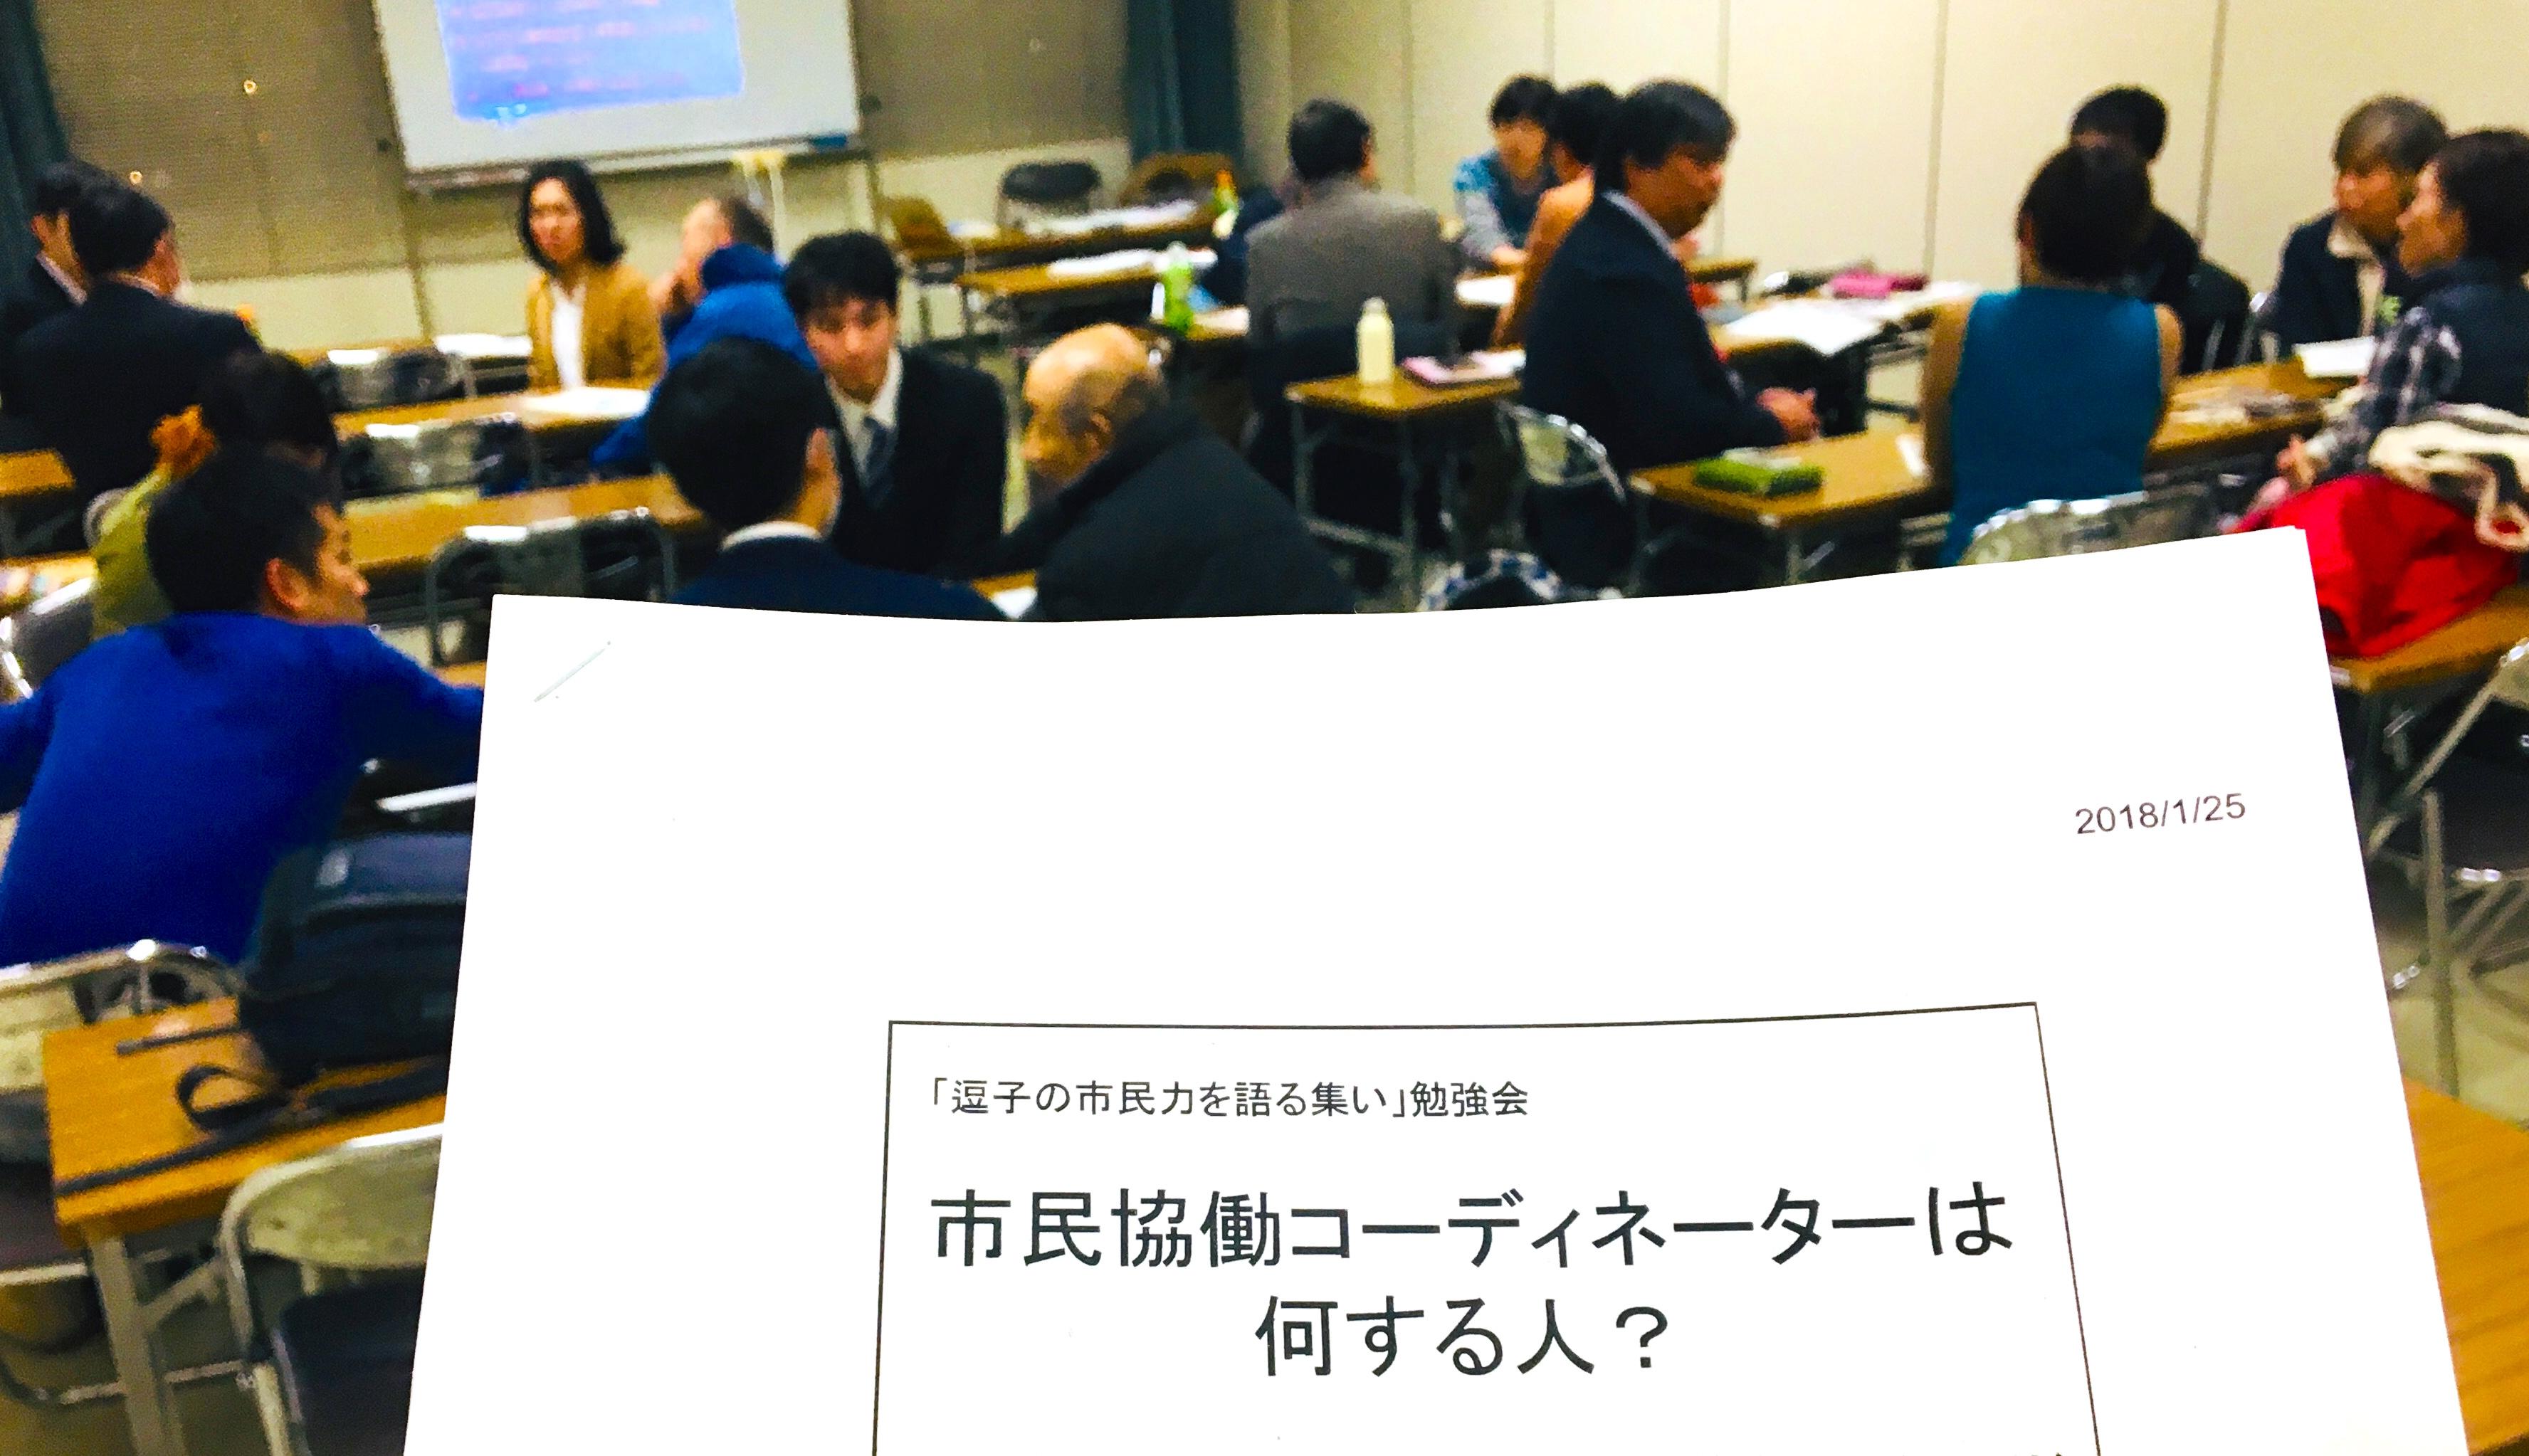 市民協働コーディネーターは何する人?勉強会は何する会?思いのほか盛り上がりました。